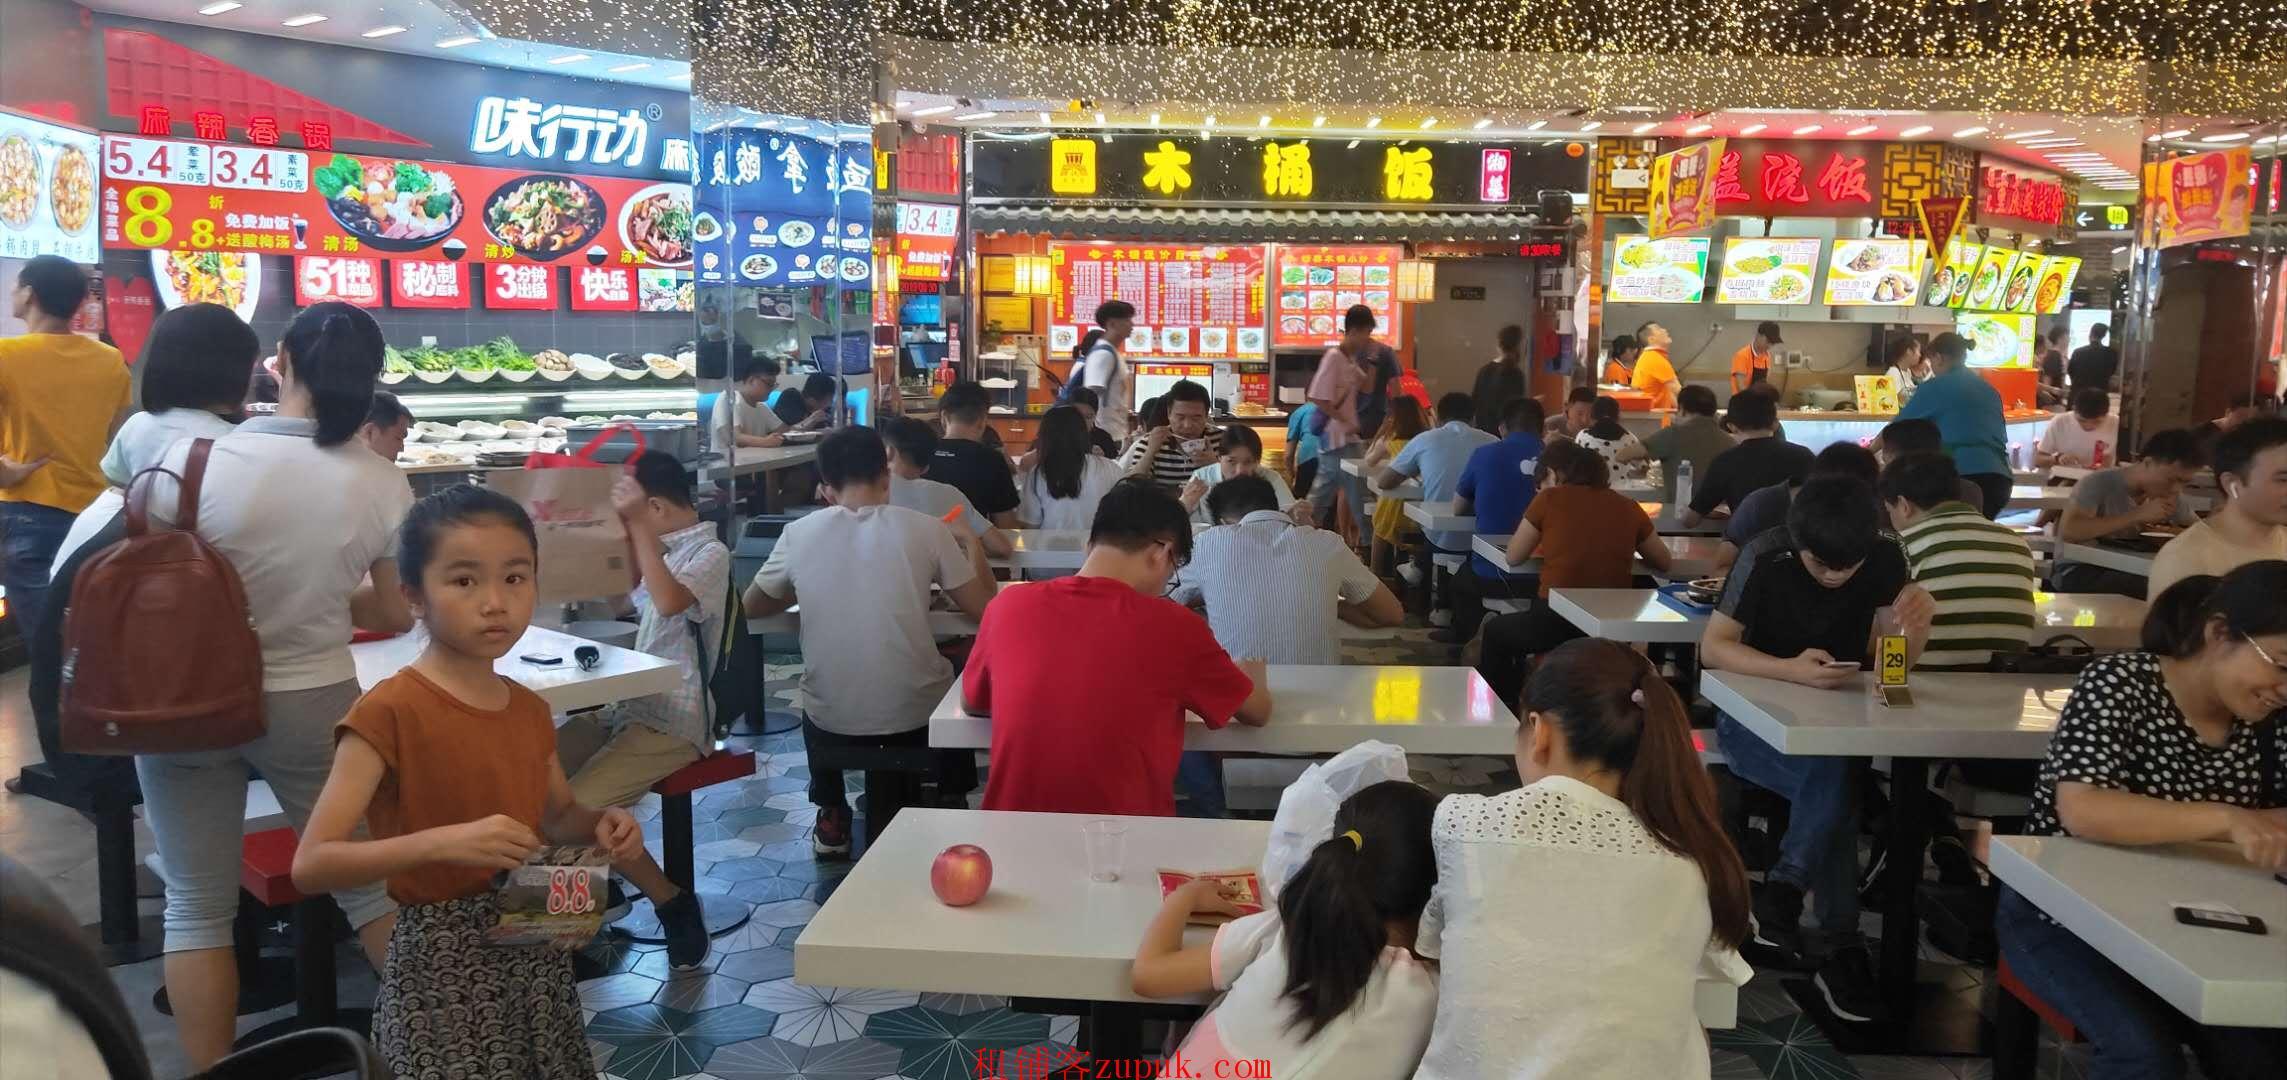 津中路,小吃店,门口人超多,生意好做,招租